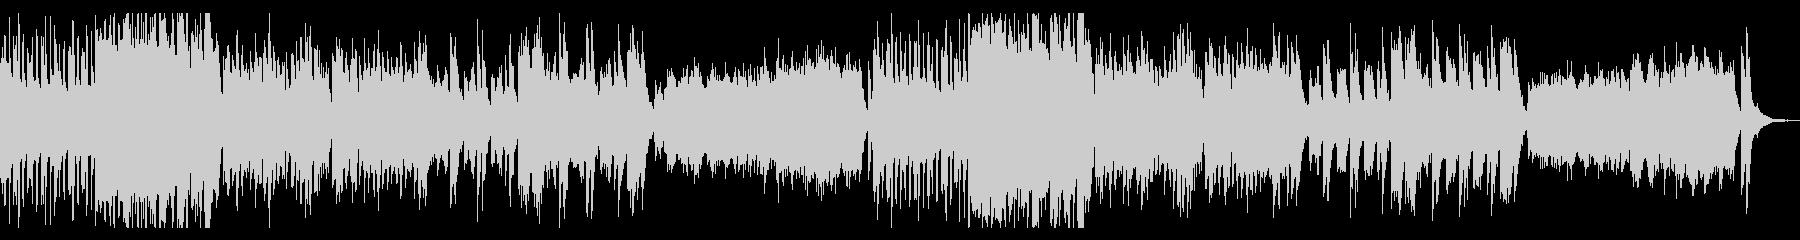 ゆったりシンプルなハロウィンオーケストラの未再生の波形